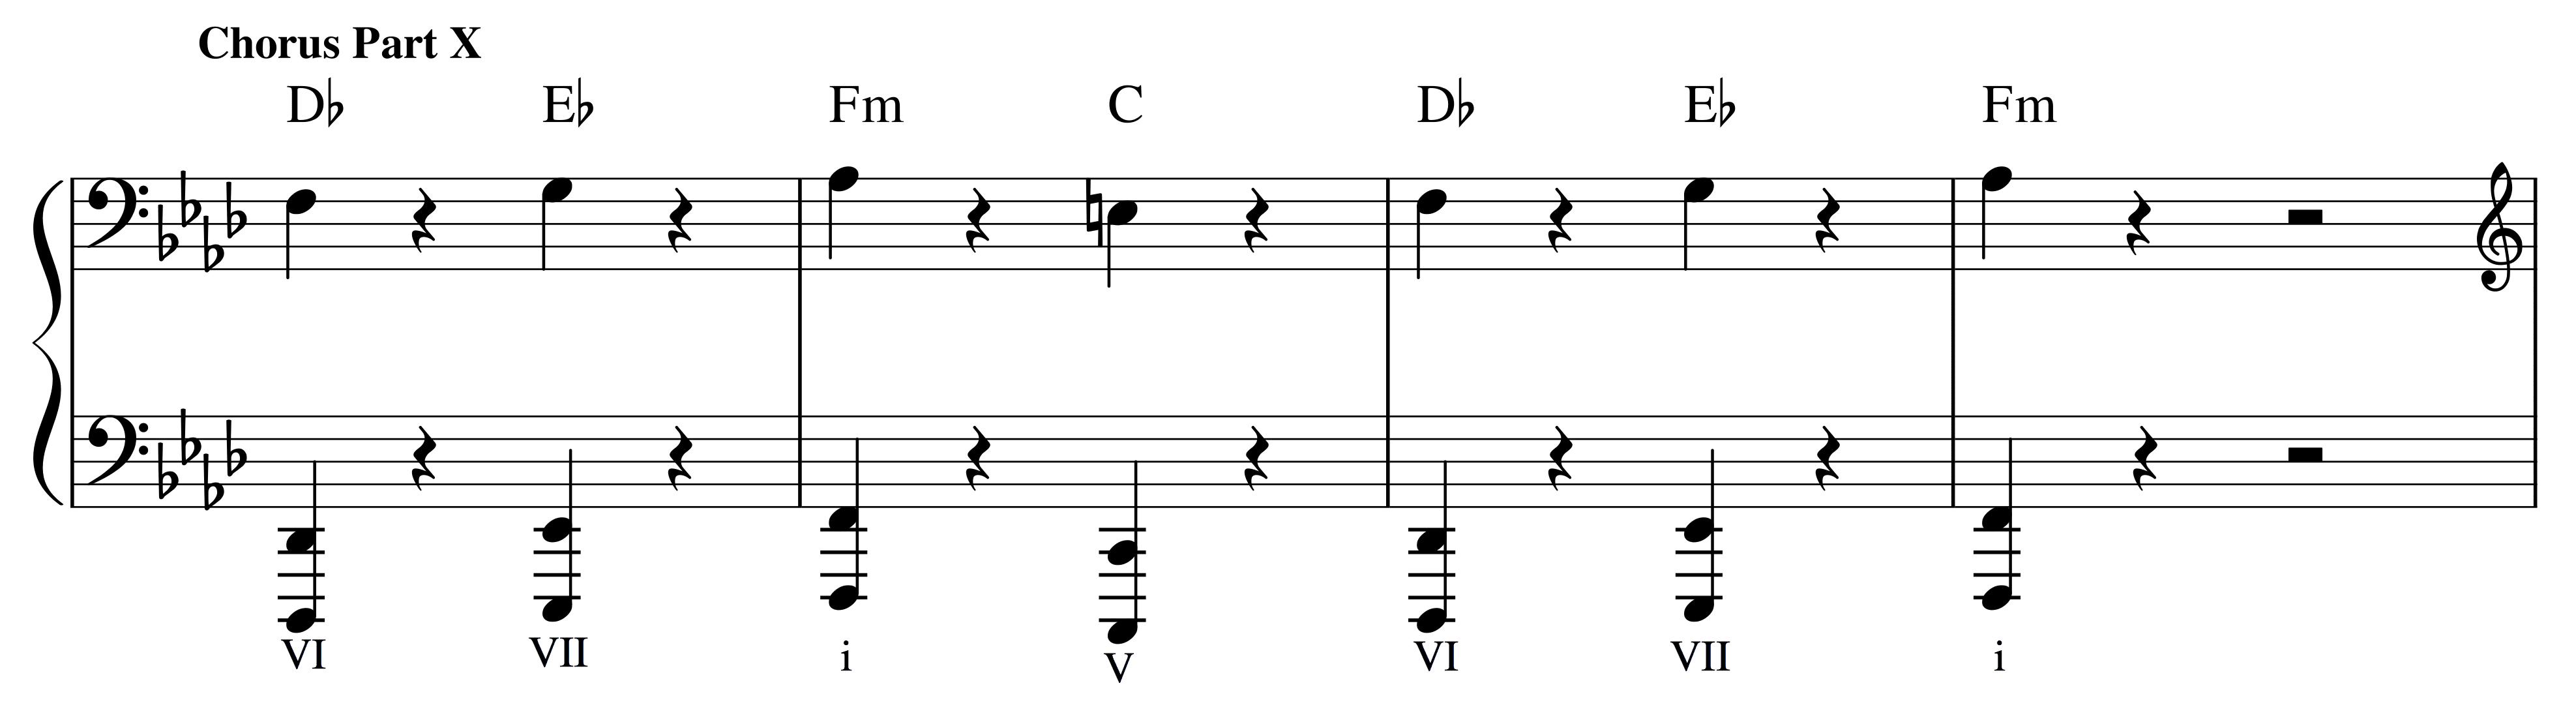 Chorus pt X